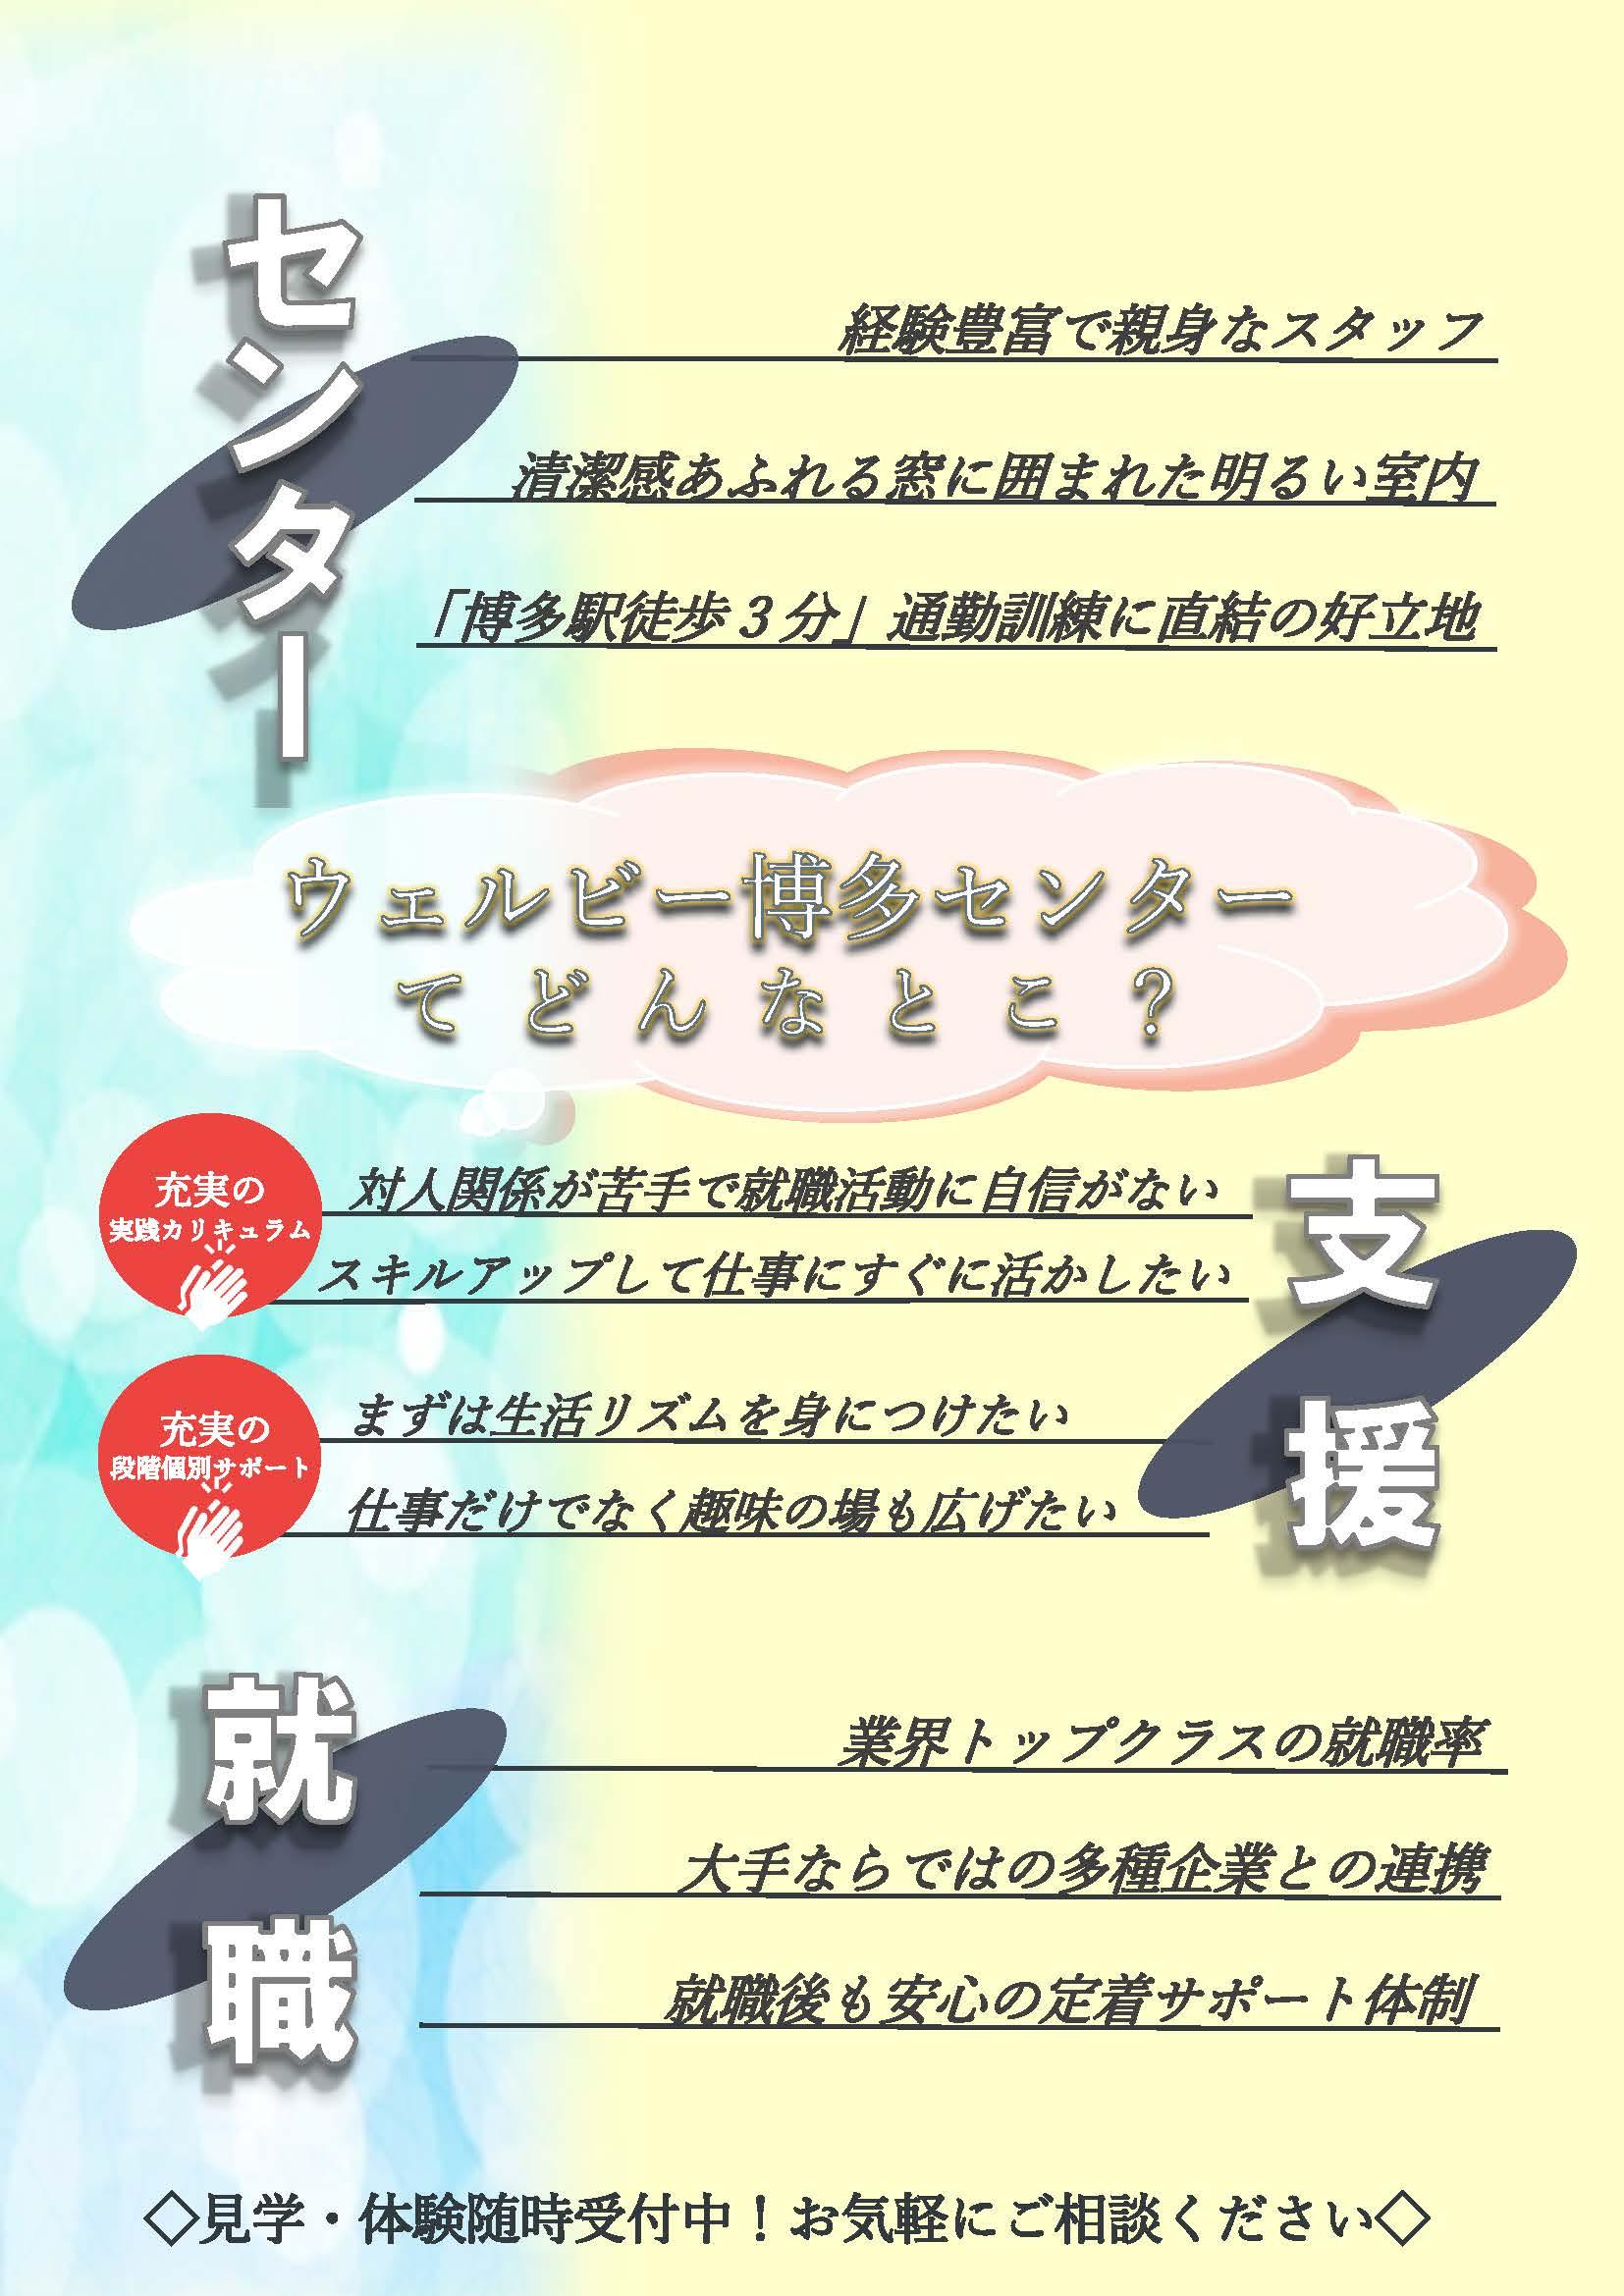 【ウェブ掲載】ウェルビー博多センター12月25日添付チラシ①+